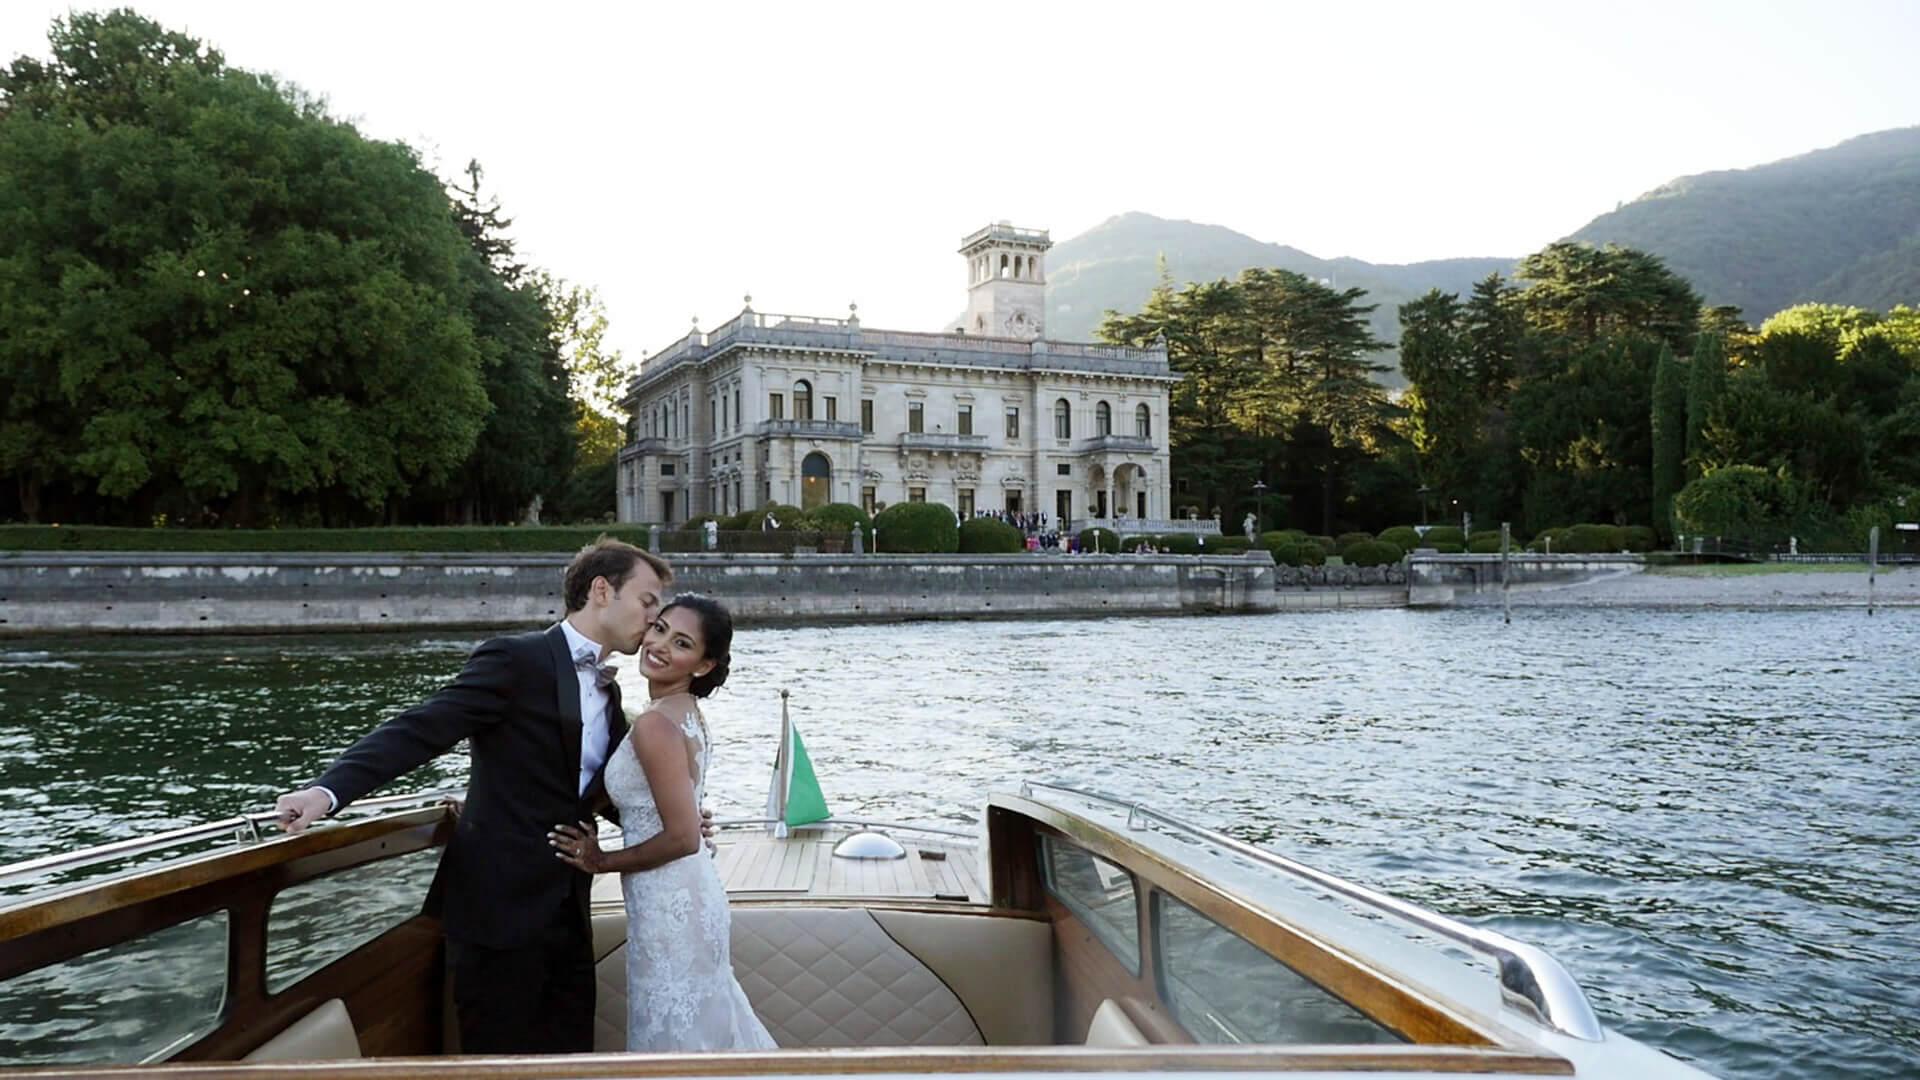 wedding-video-bride-groom-villa-erba-como-lake.jpg